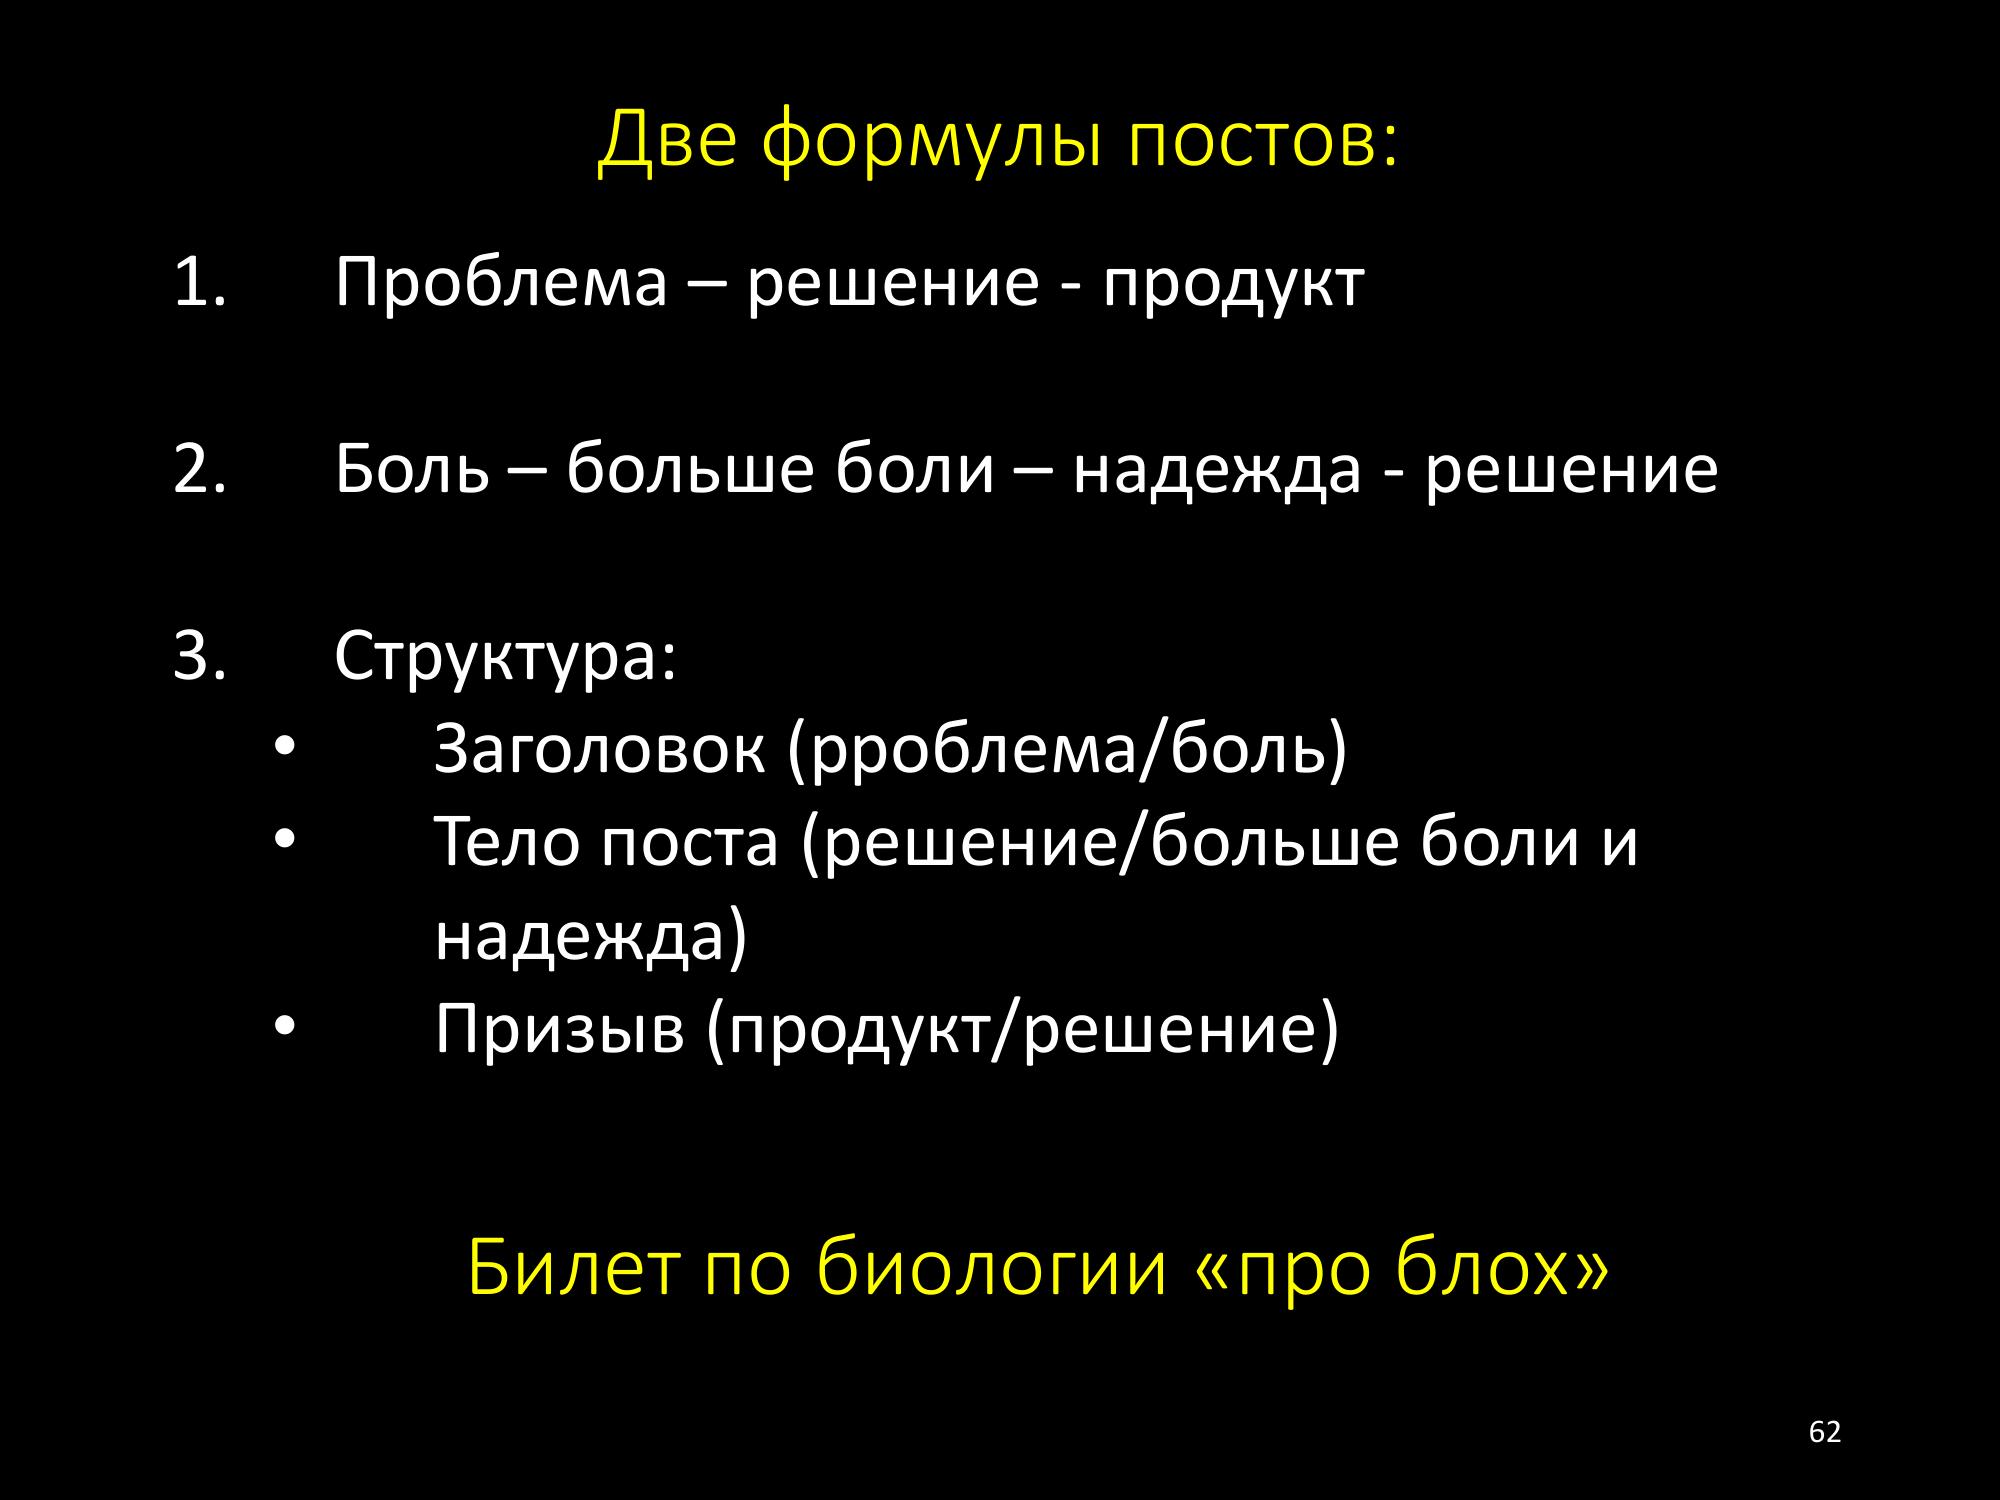 Две формулы постов.